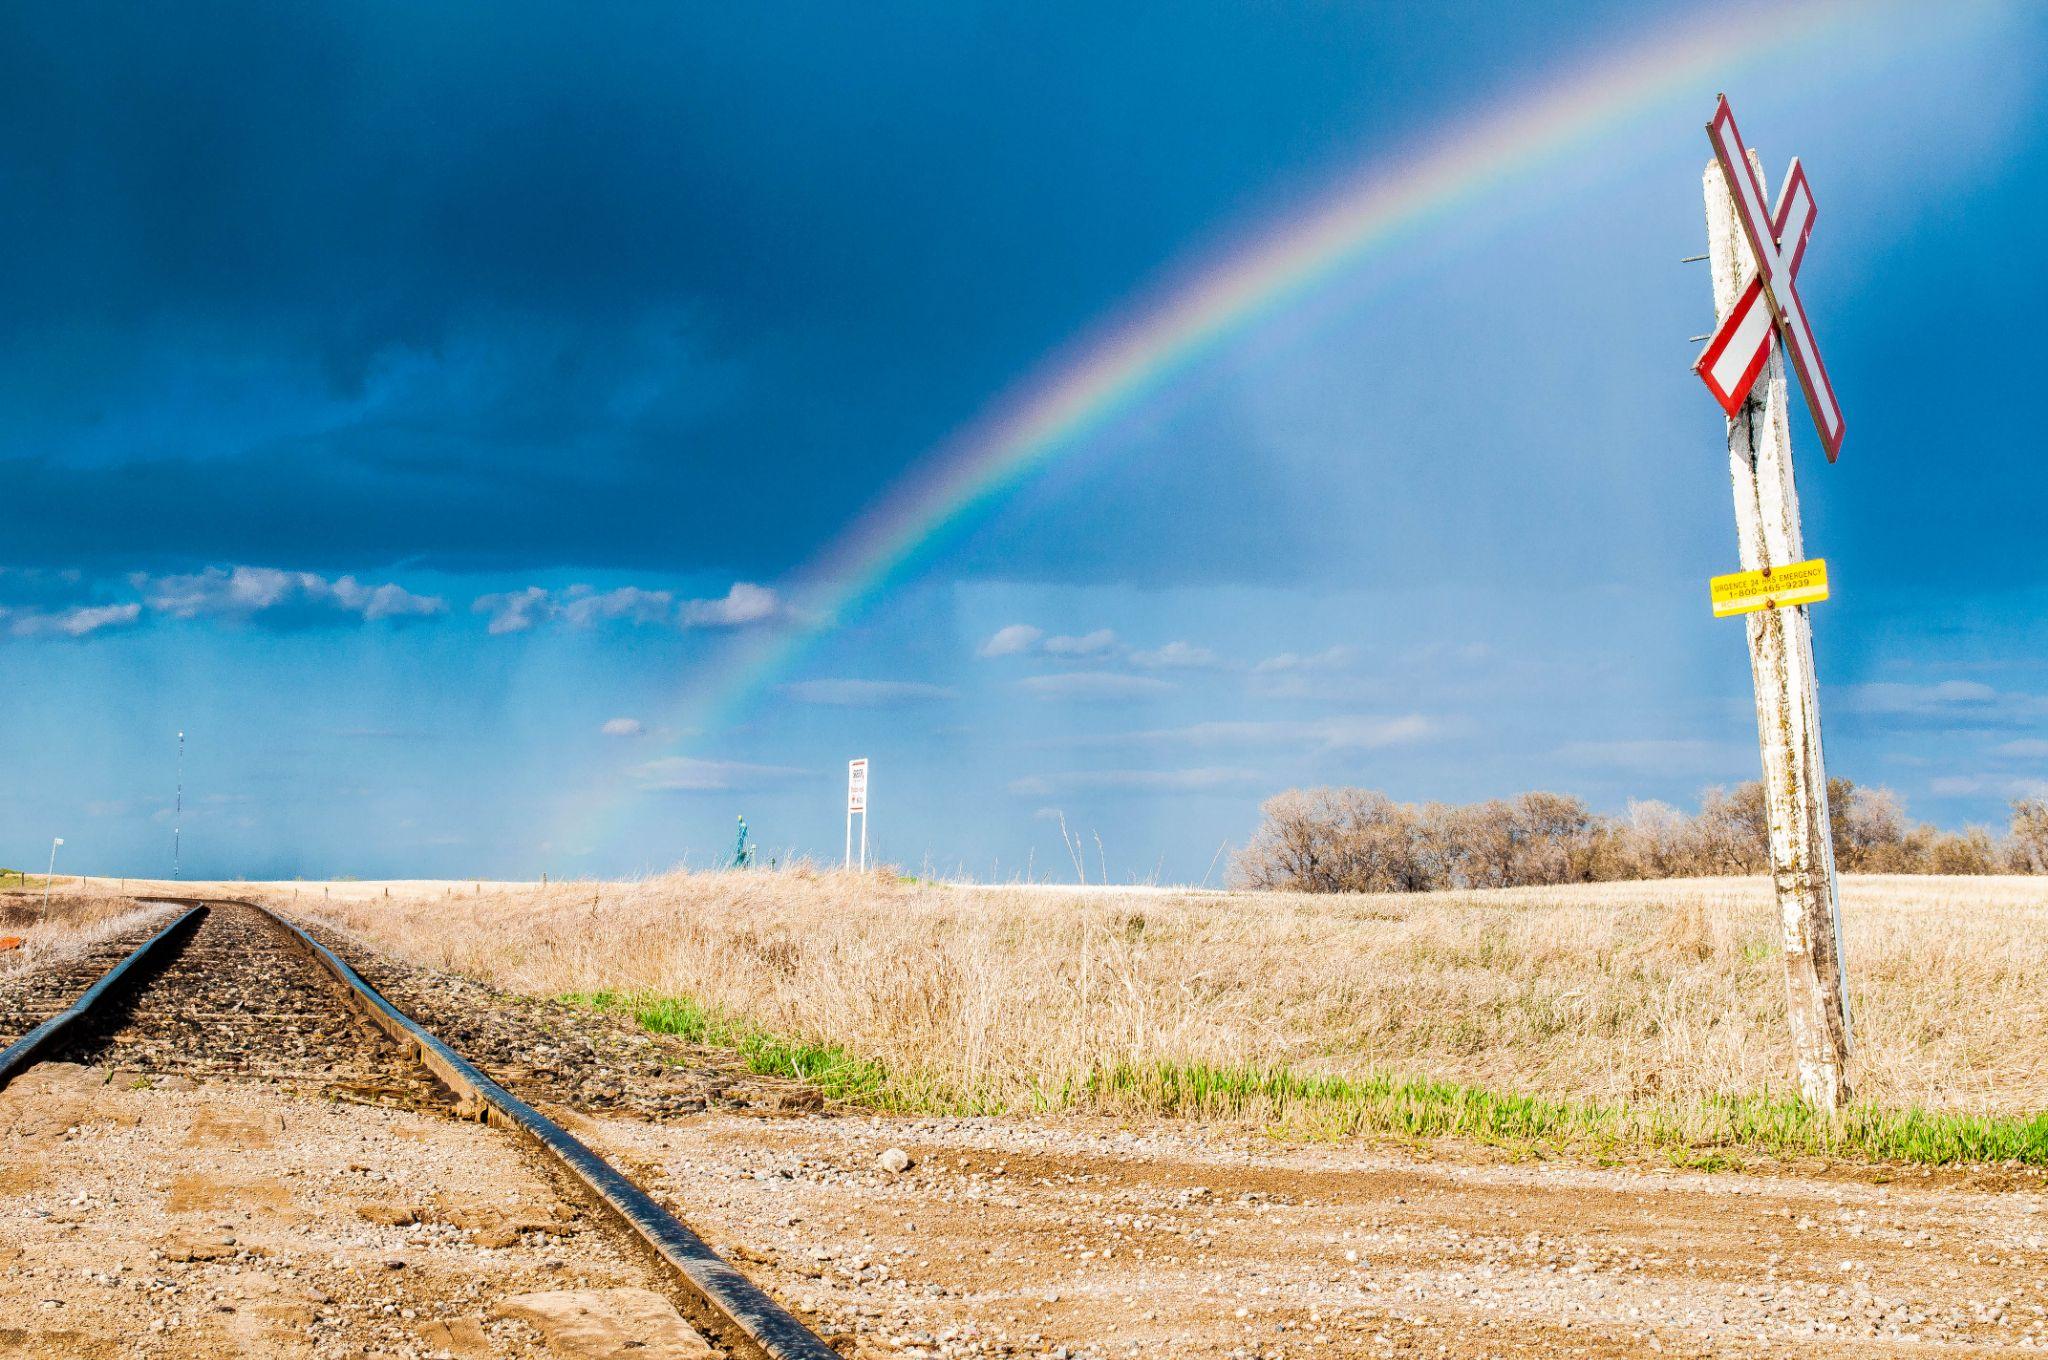 Rainbow Crossing by Ang Klassen